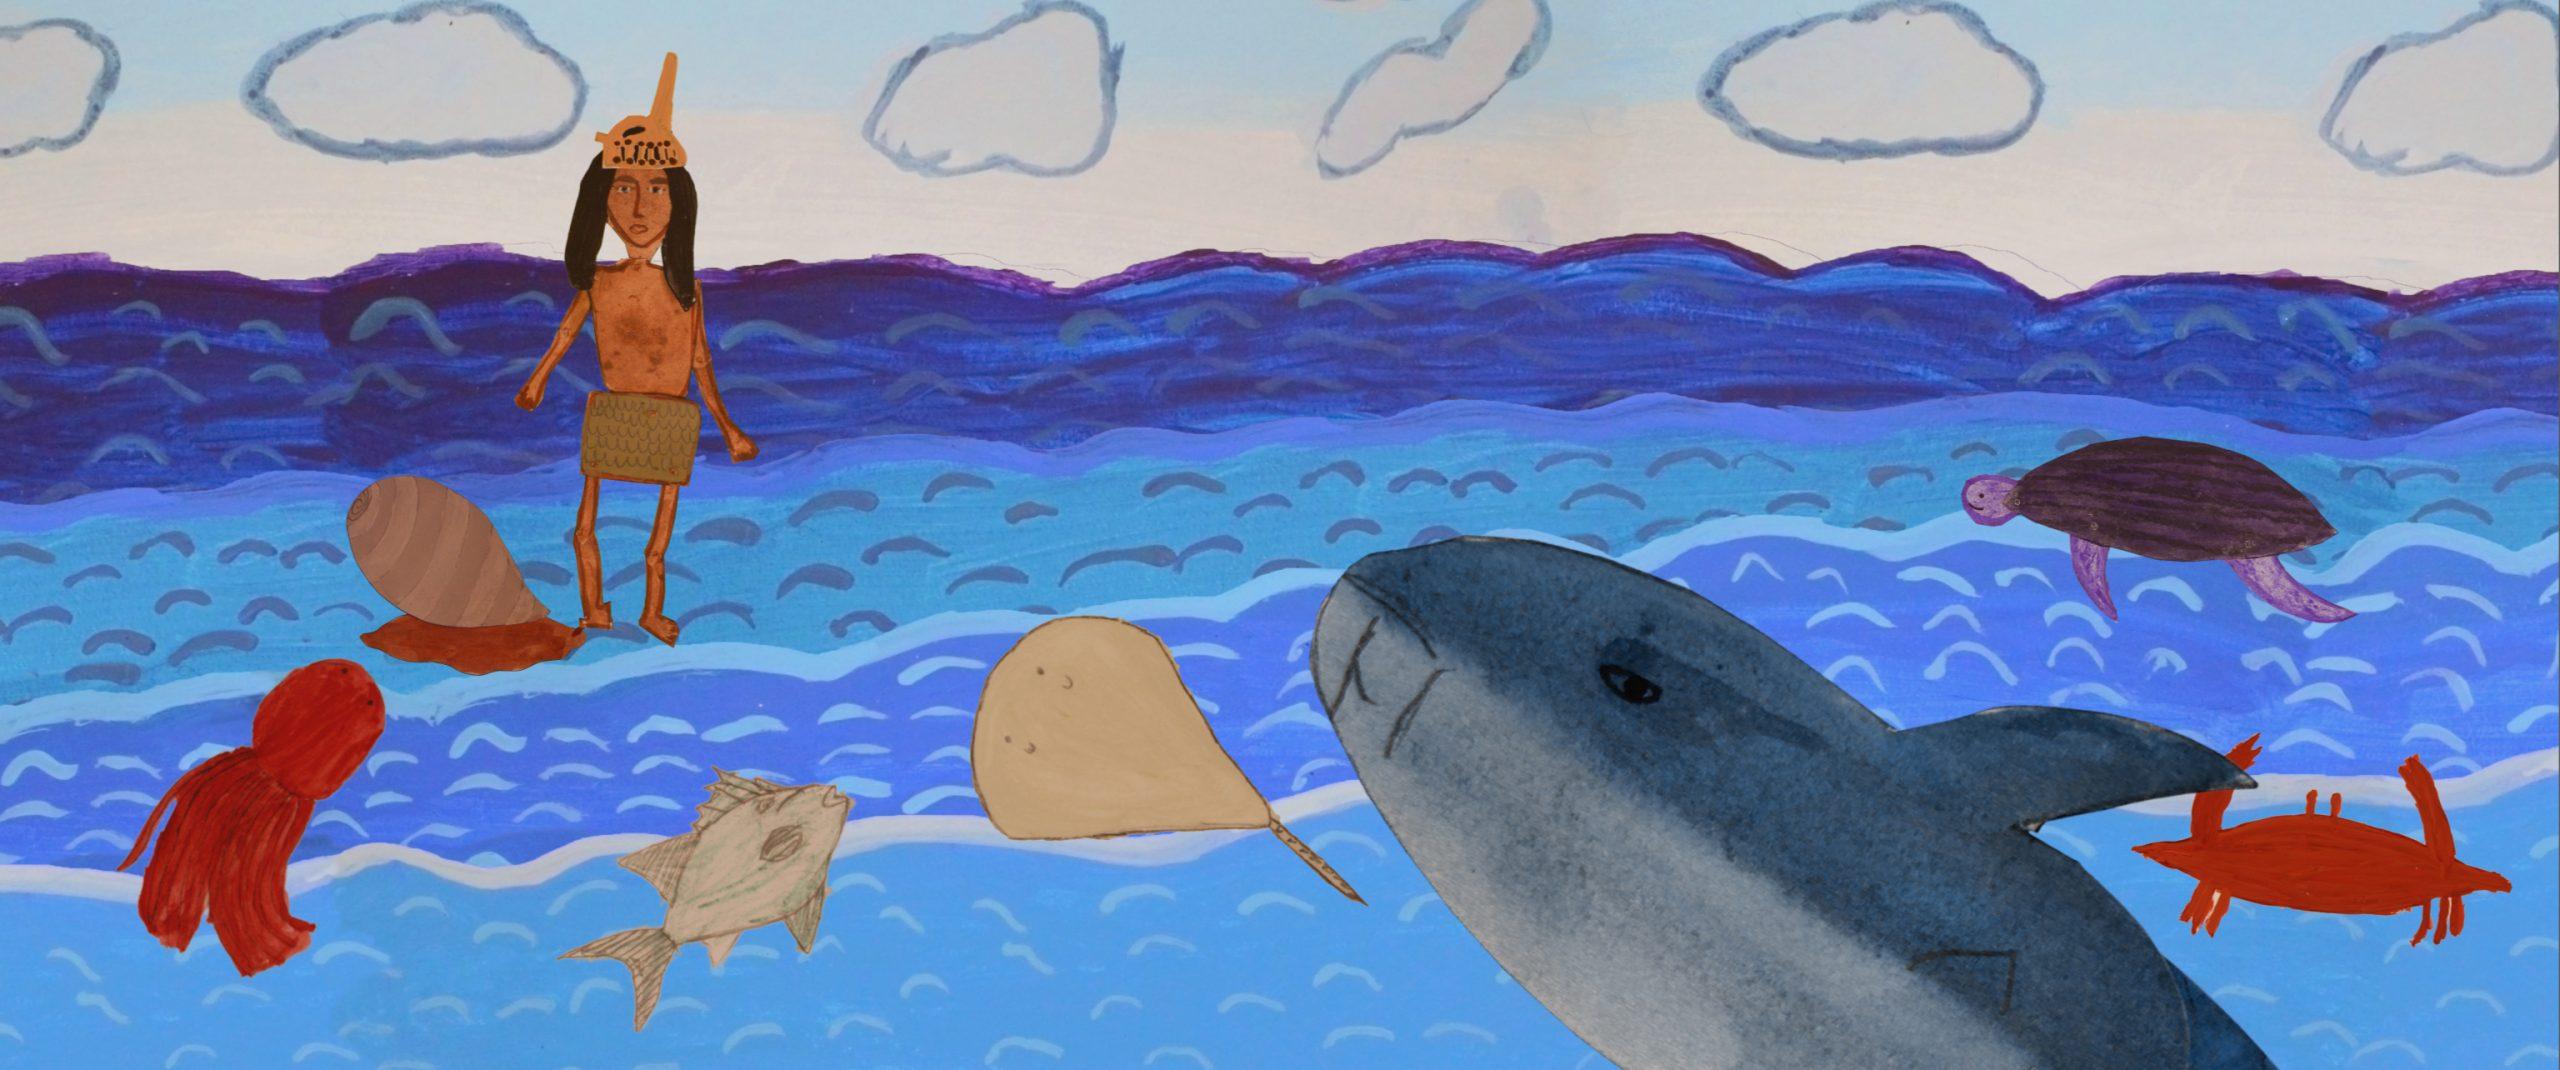 Still animación La creación del mundo2